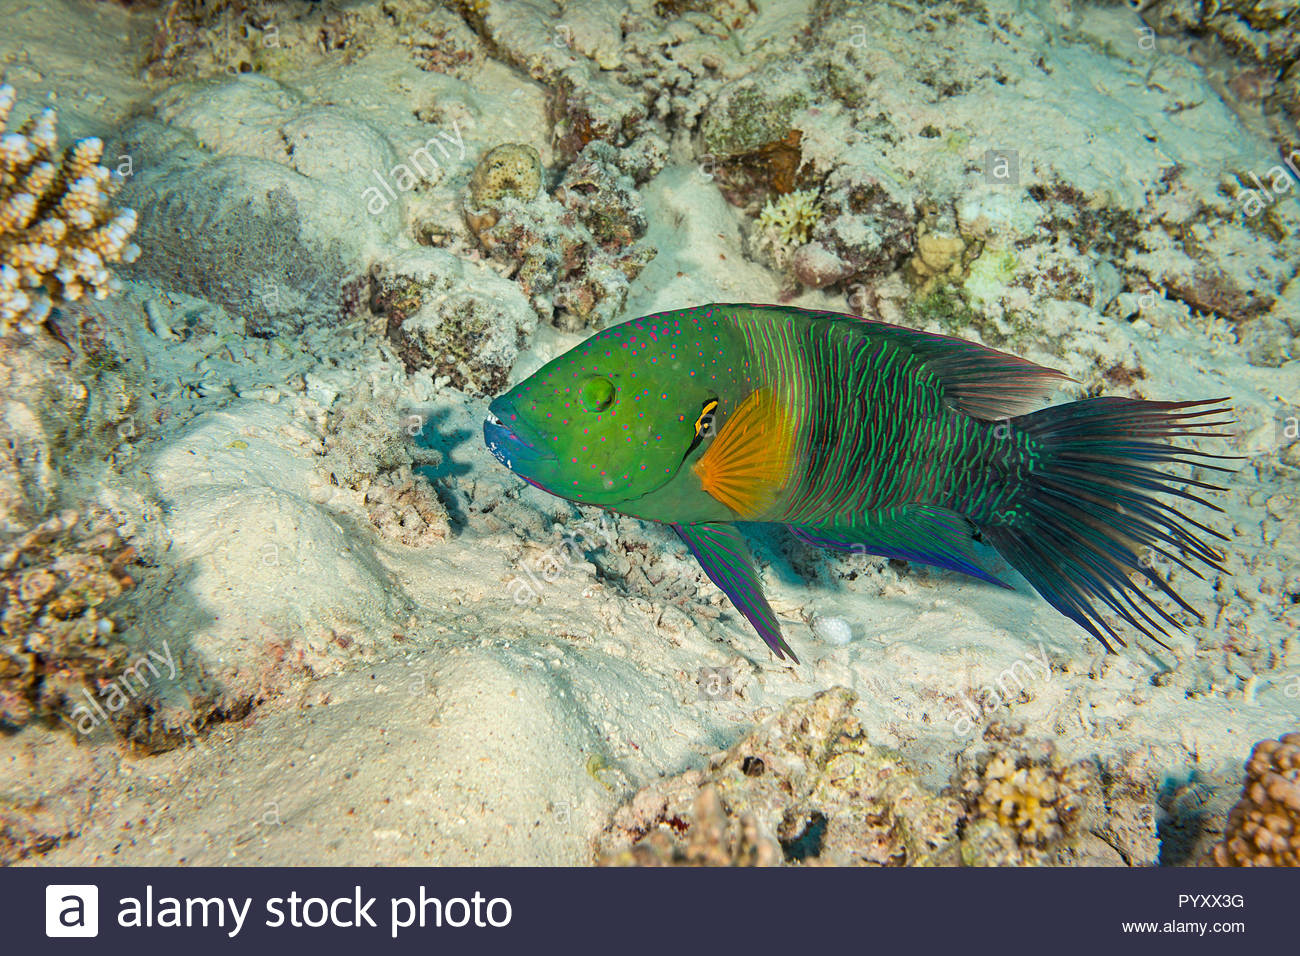 (Cheilinus Besenschwanz-Prachtlippfisch lunulatus), endemisch, Marsa Alam, Ägypten | Broomtail Lippfisch (Cheilinus lunulatus), endemisch, Marsa Alam, Egyp Stockbild